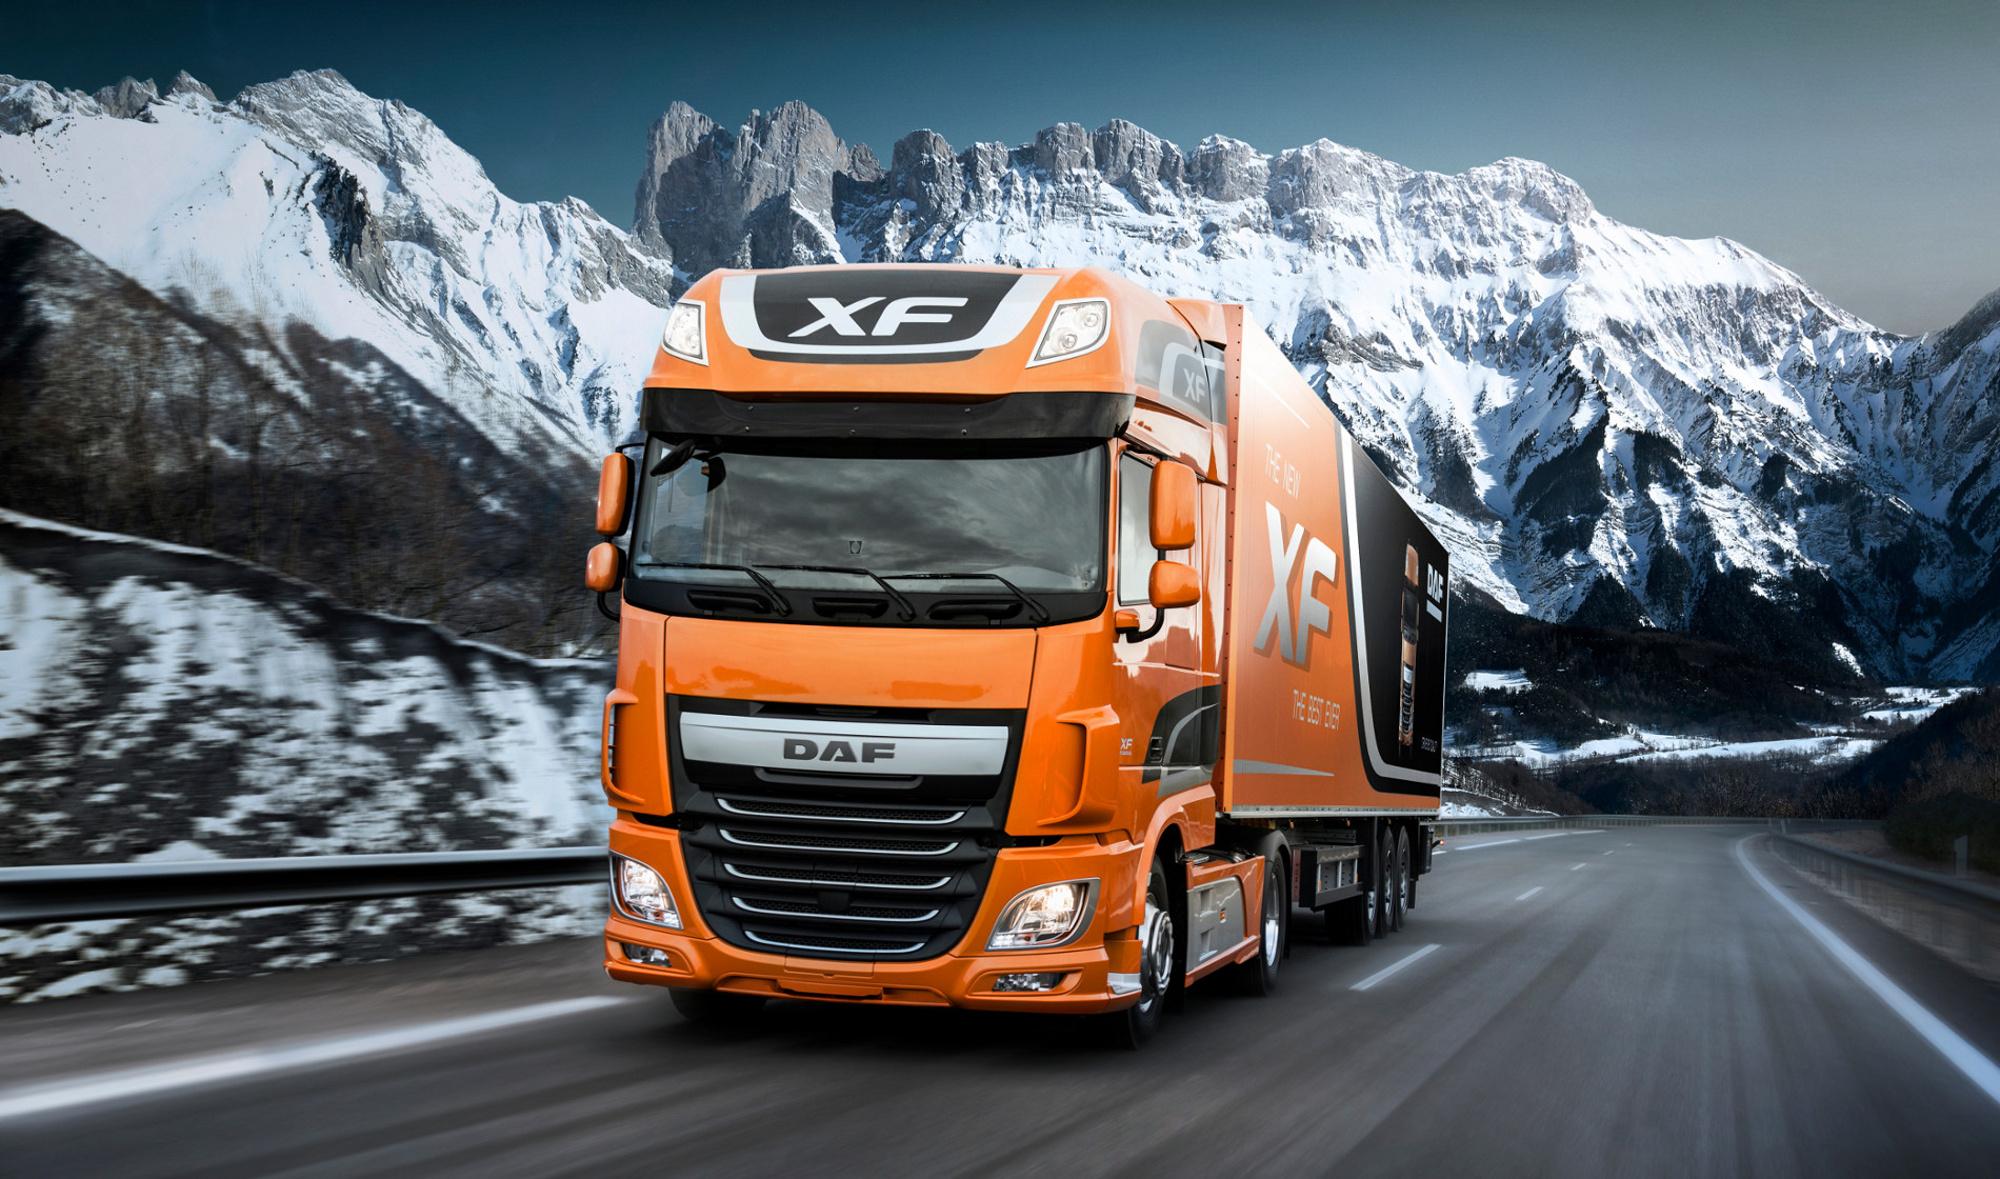 Daf truck photo